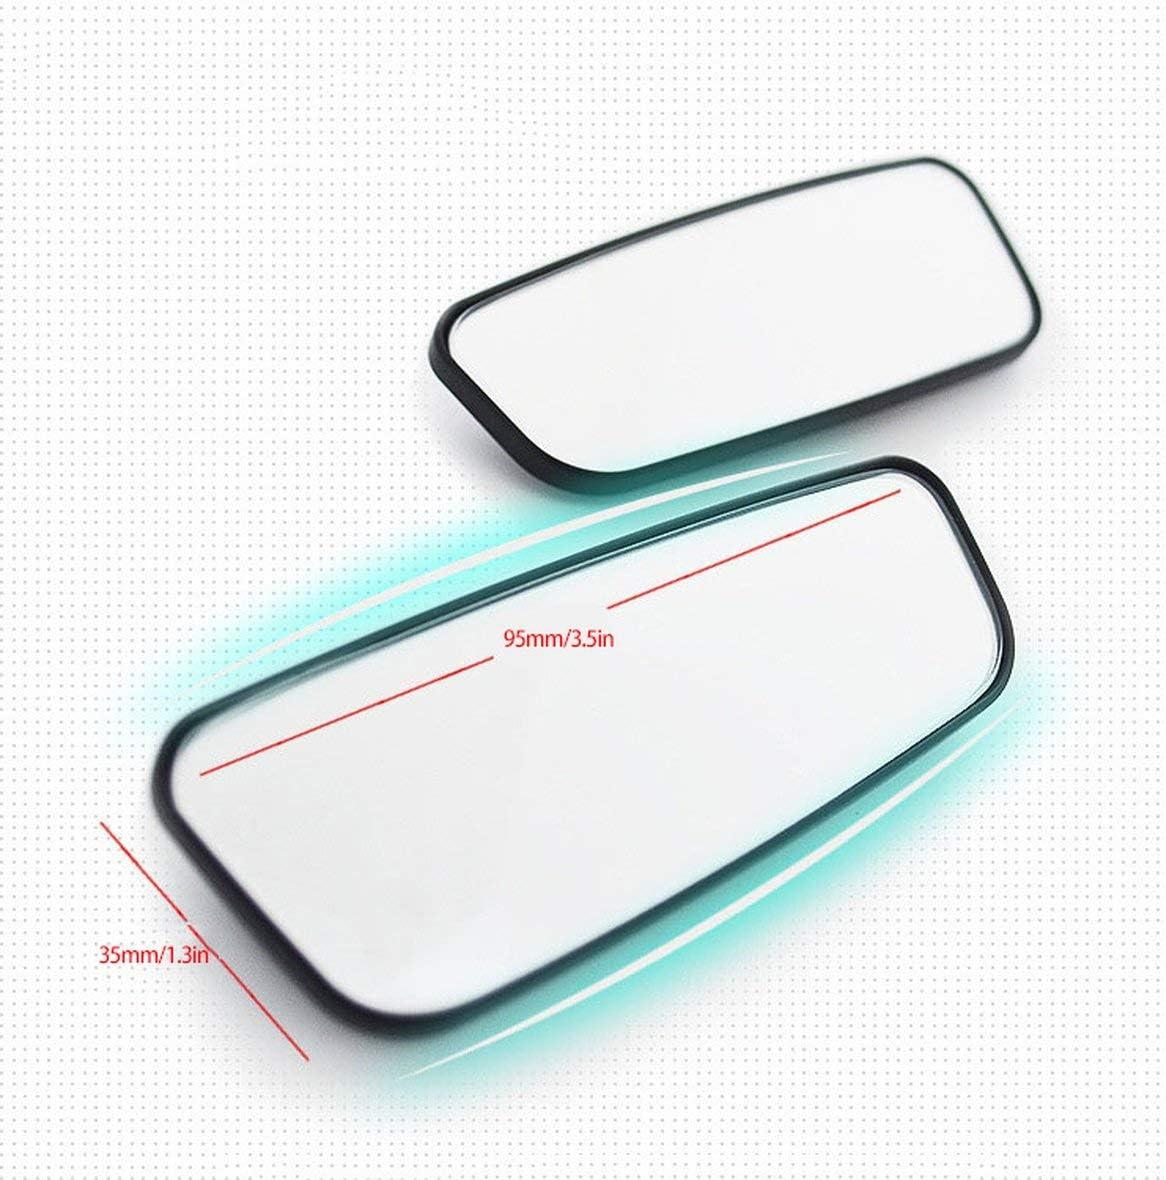 Heaviesk 1 para Auto Blinden Winkel Spiegel Auto R/ückspiegel Einstellbare Weitwinkel R/ückspiegel f/ür Universalfahrzeuge Auto